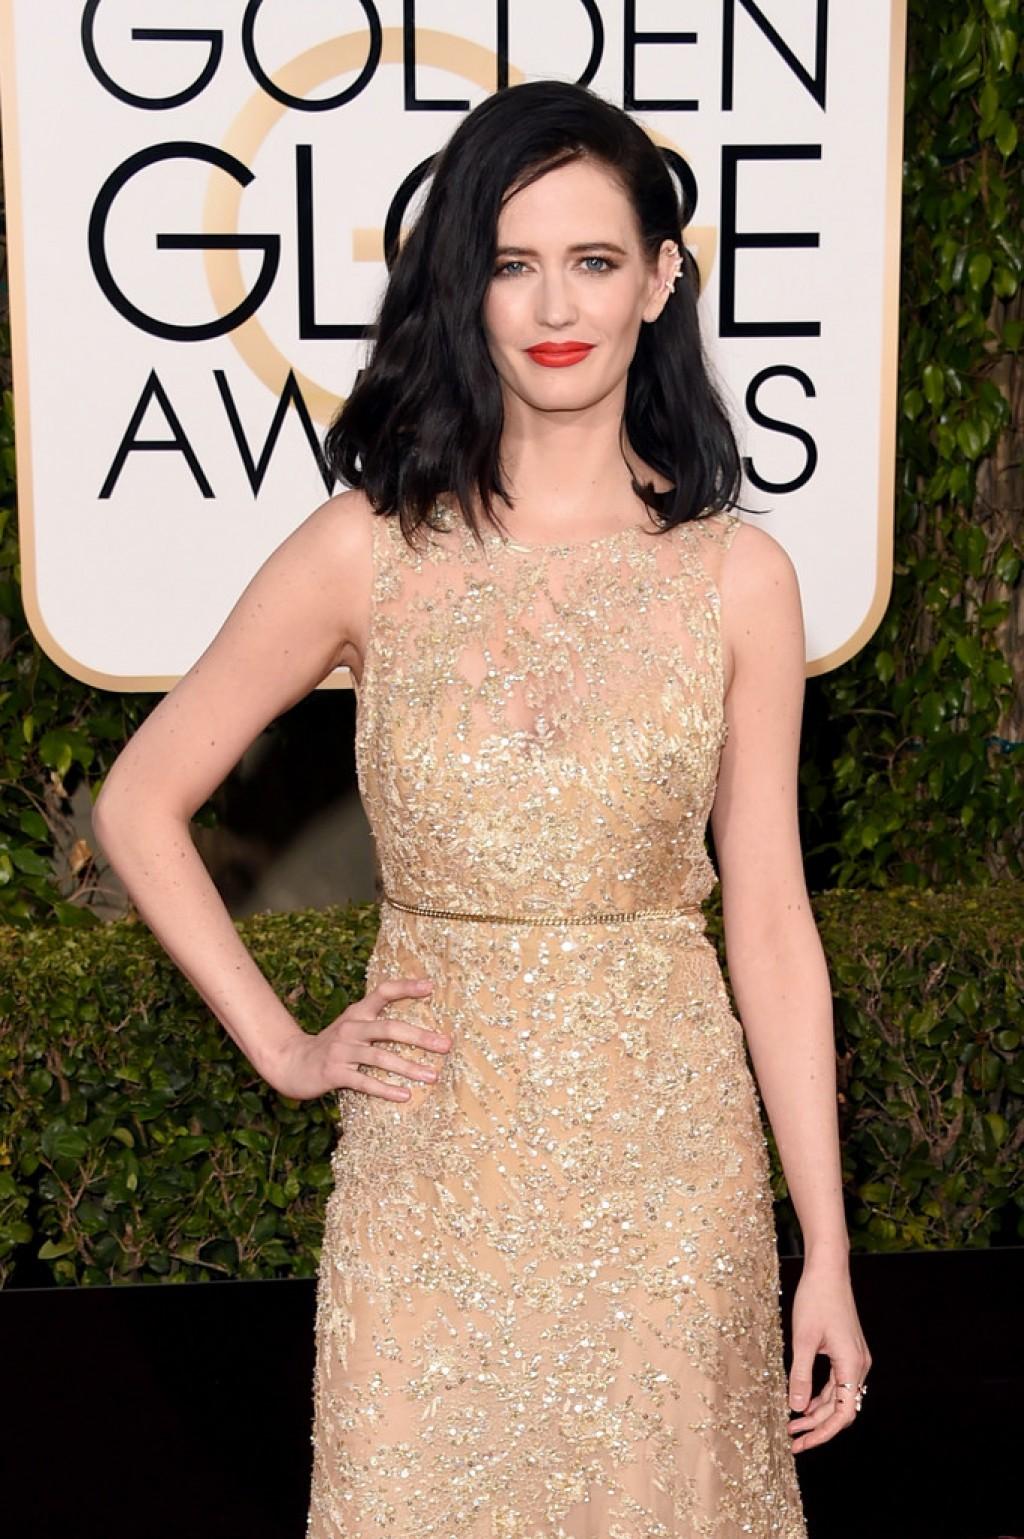 Eva-Green-2016-Golden-Globes-dress-1024x1539